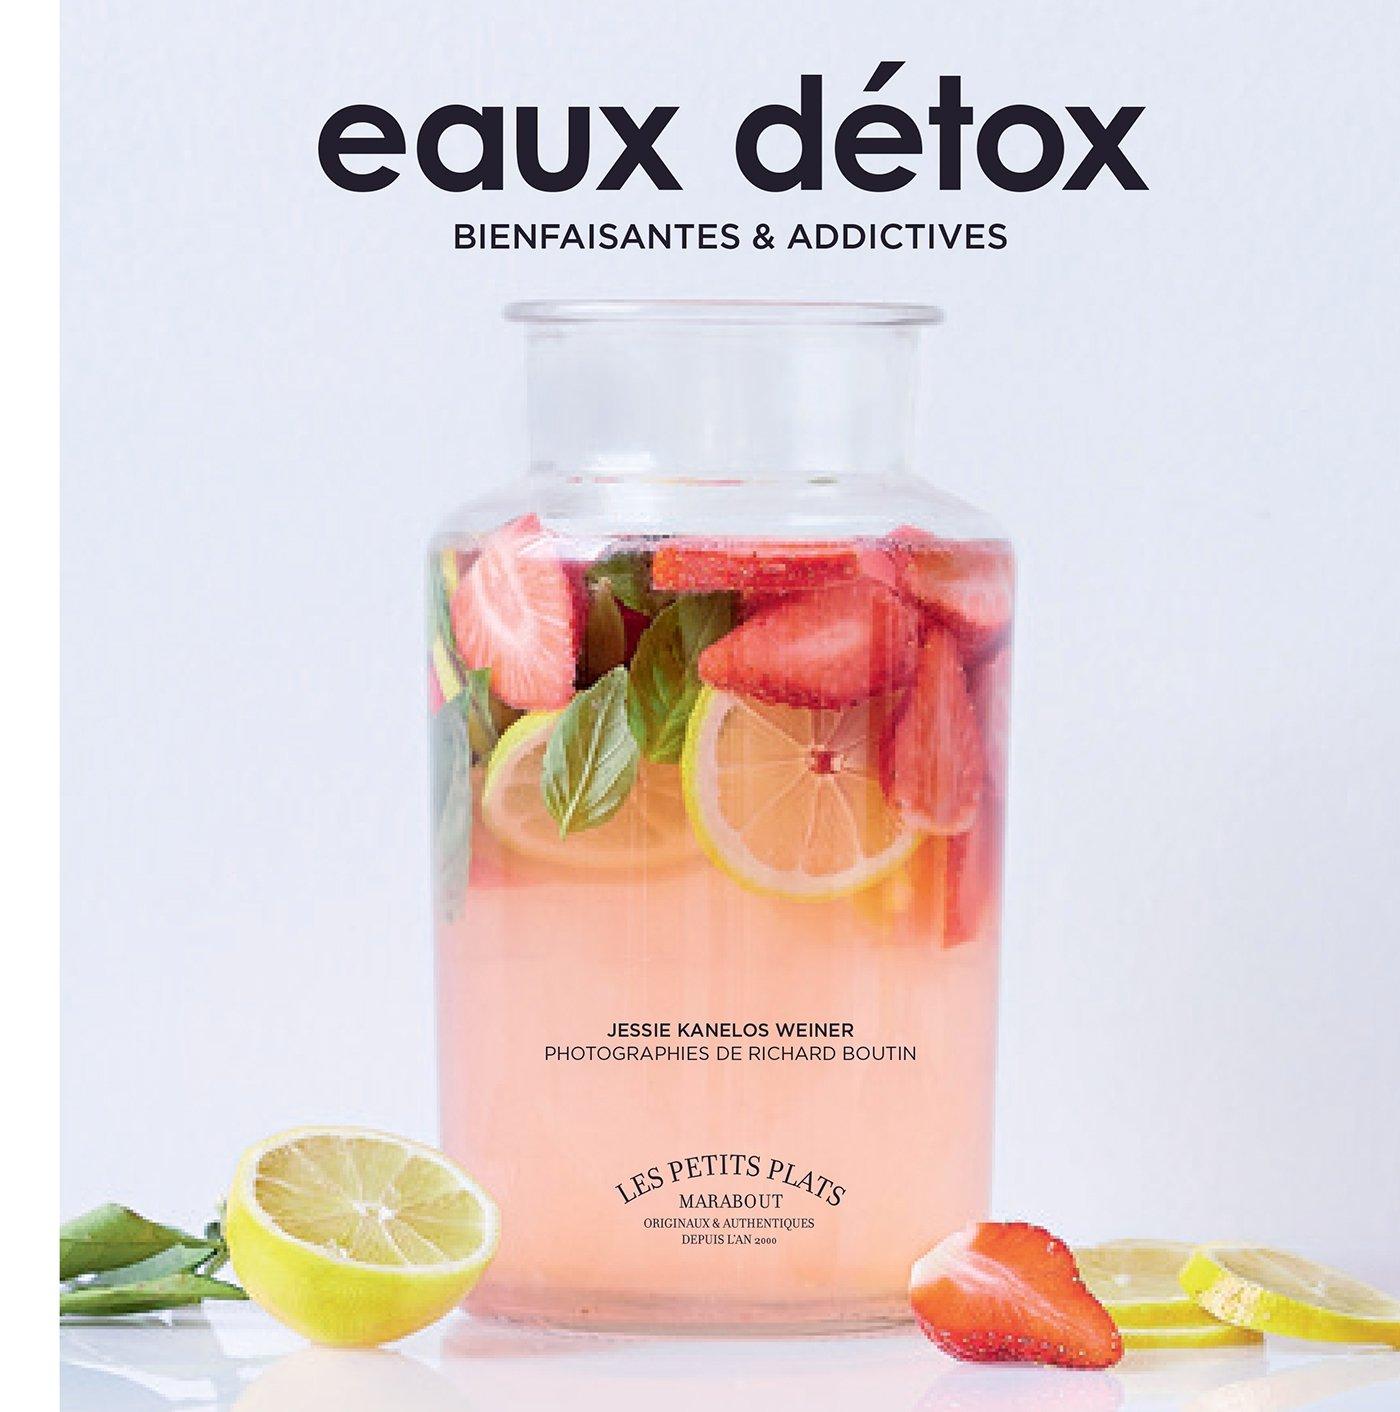 Connu Amazon.fr - Eaux détox - Jessie Kanelos Weiner, Richard Boutin  HI73